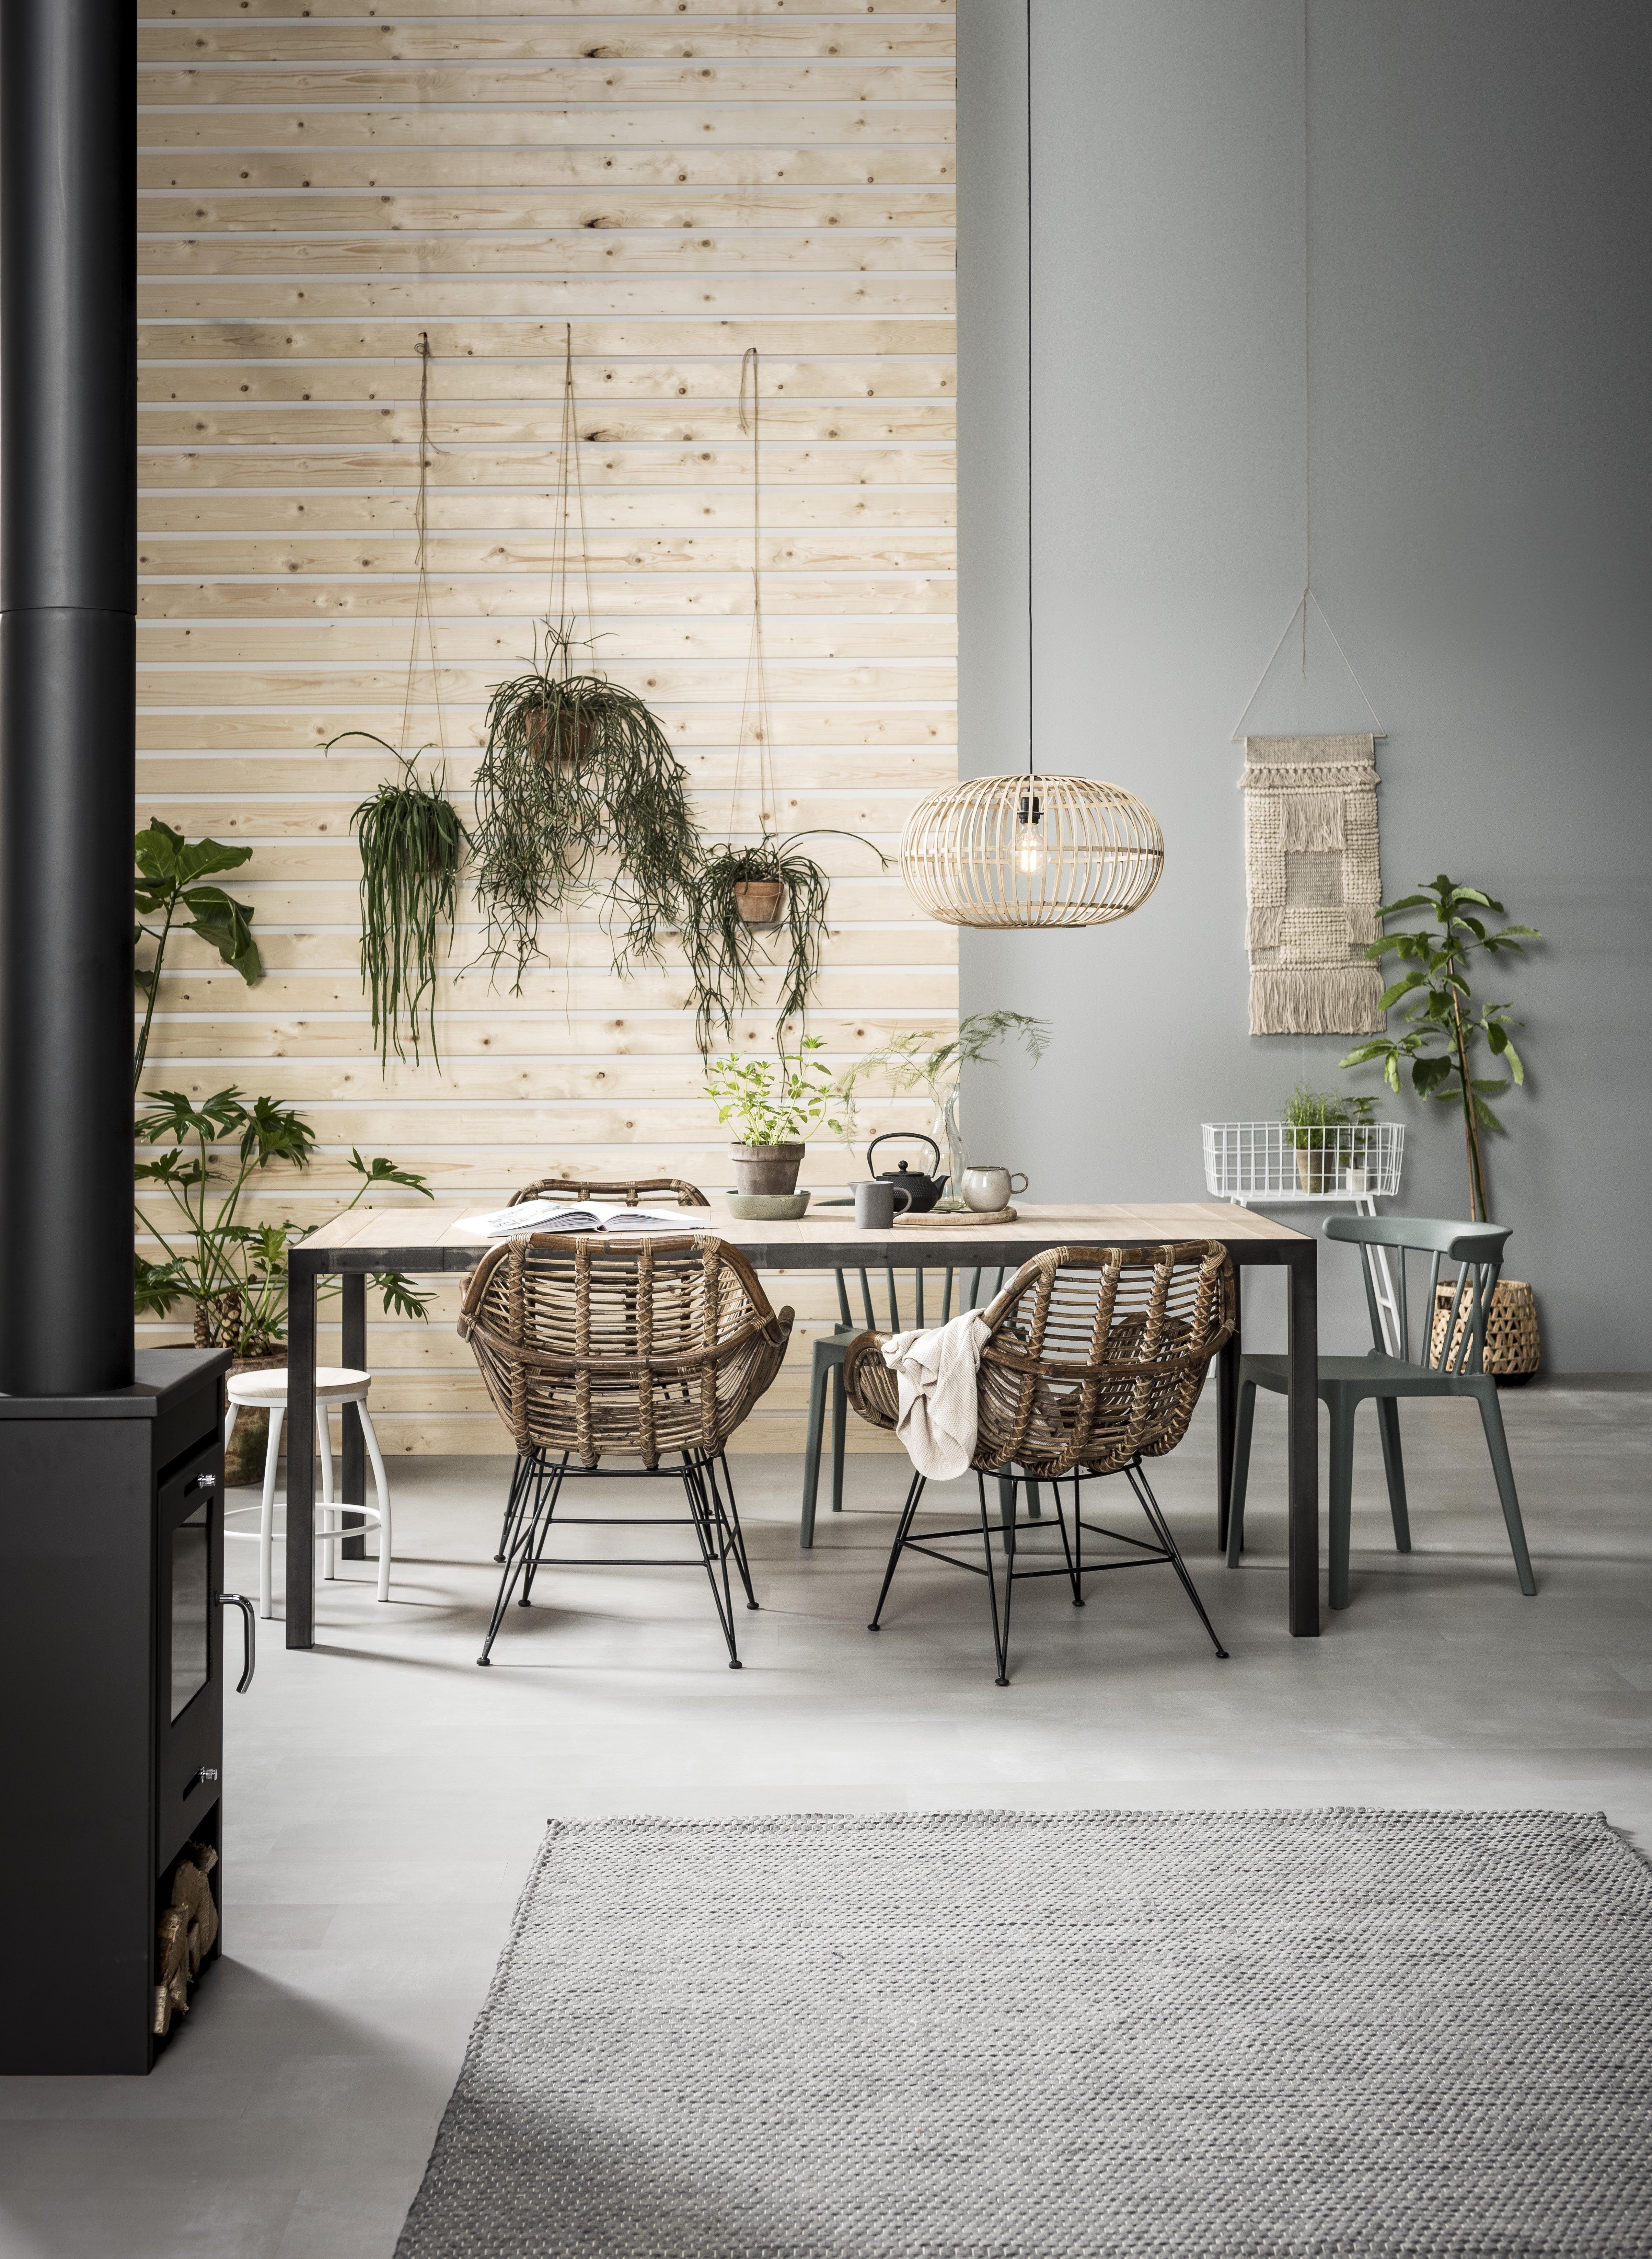 green house eetkamer rotan stoel riet natuurlijke materialen rotan chair